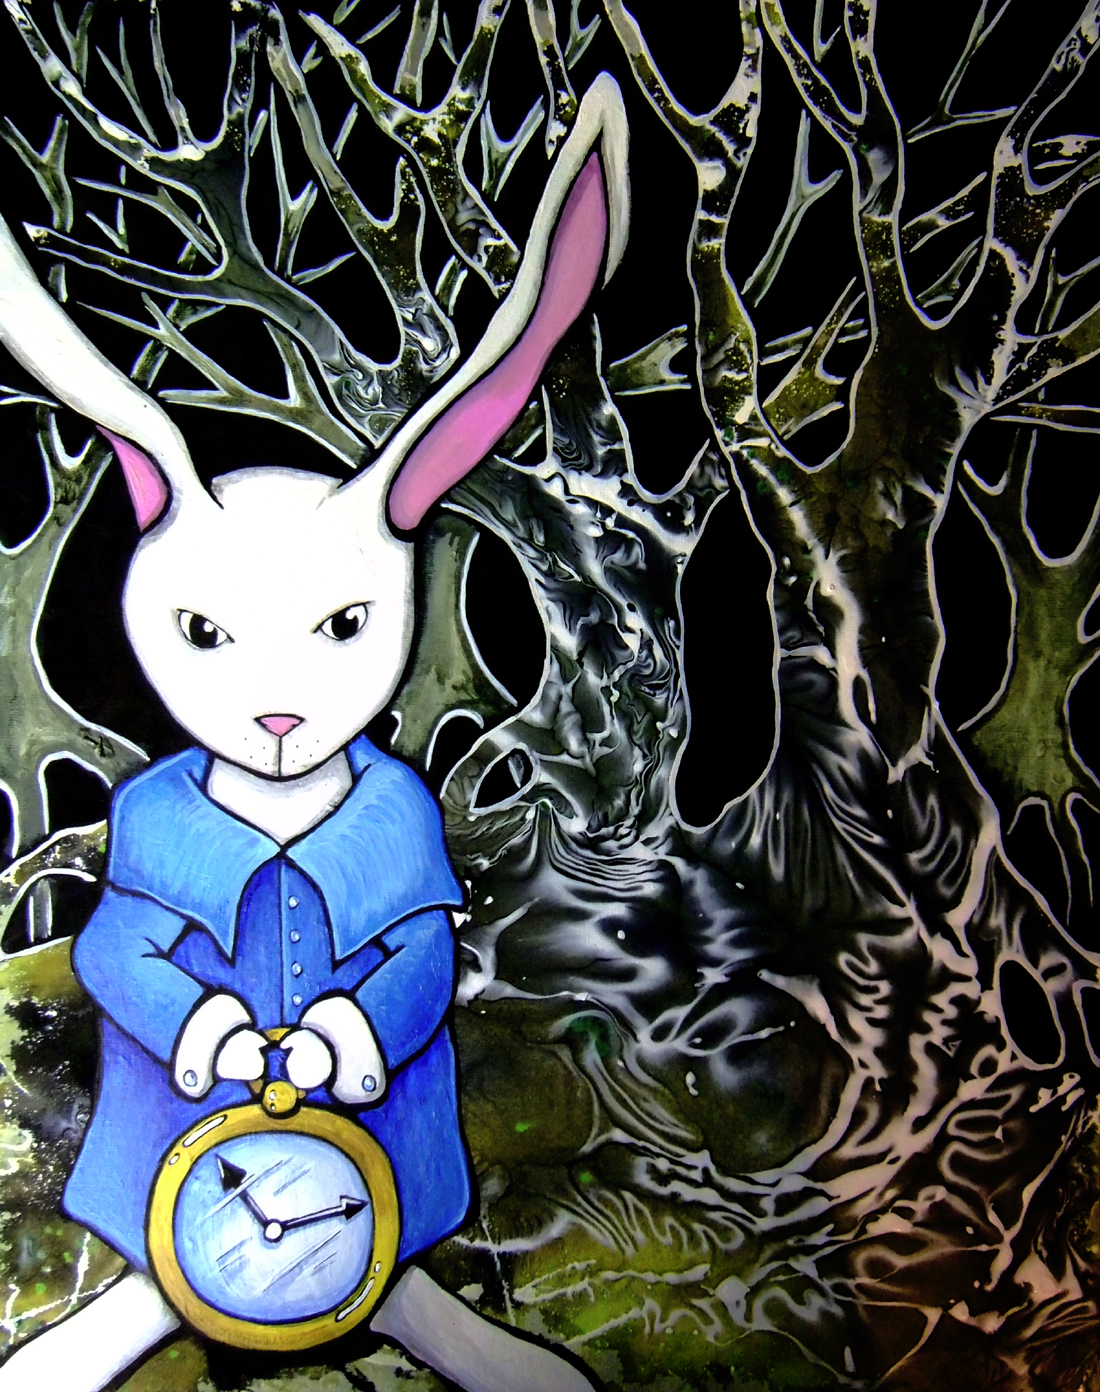 White rabbit painting - photo#15